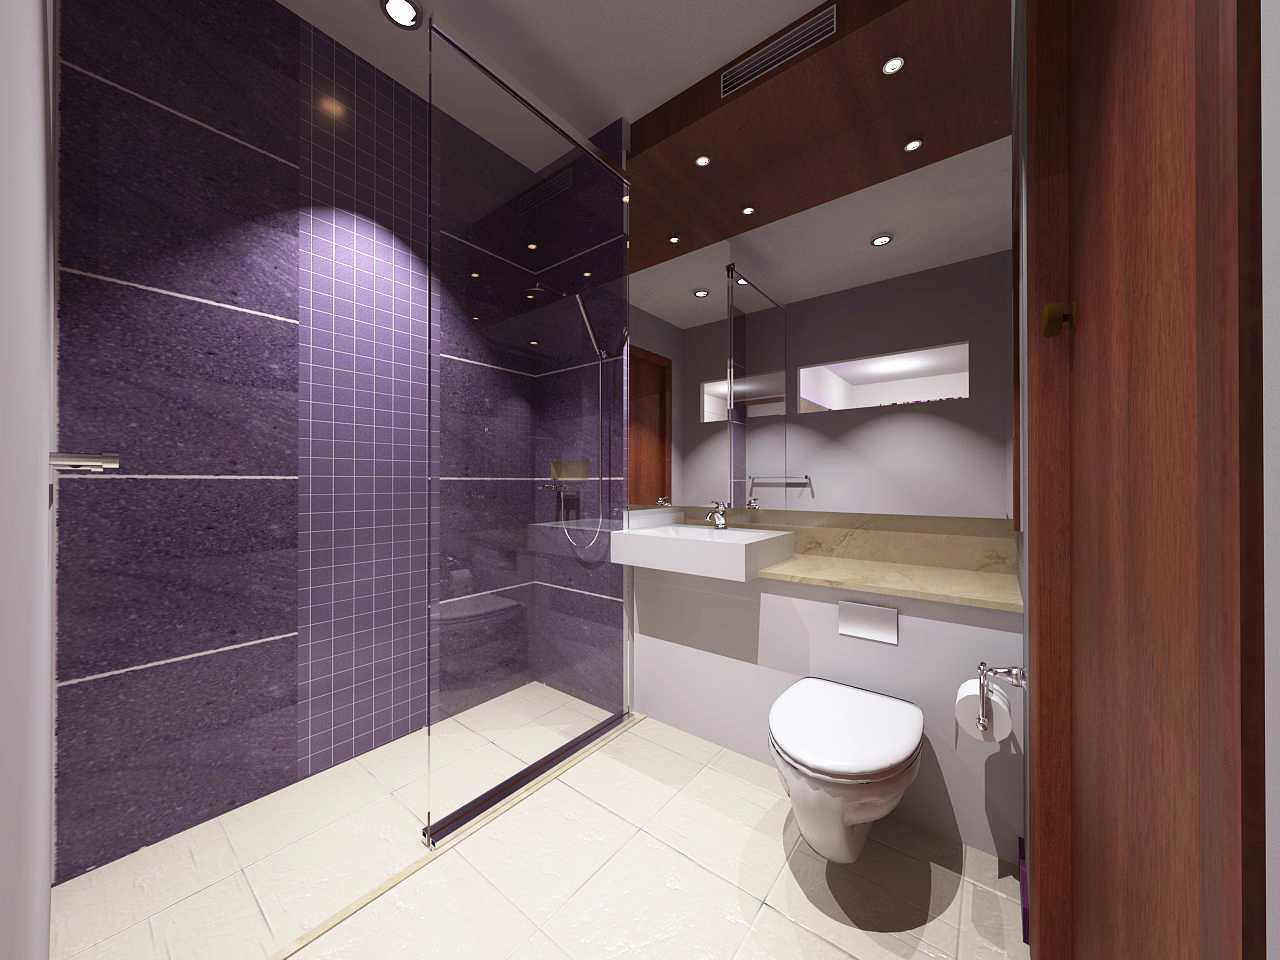 Letare Sitompul Premier Inn Jimbaran Jimbaran, Bali, Indonesia Jimbaran, Bali, Indonesia Bathroom Modern 26160